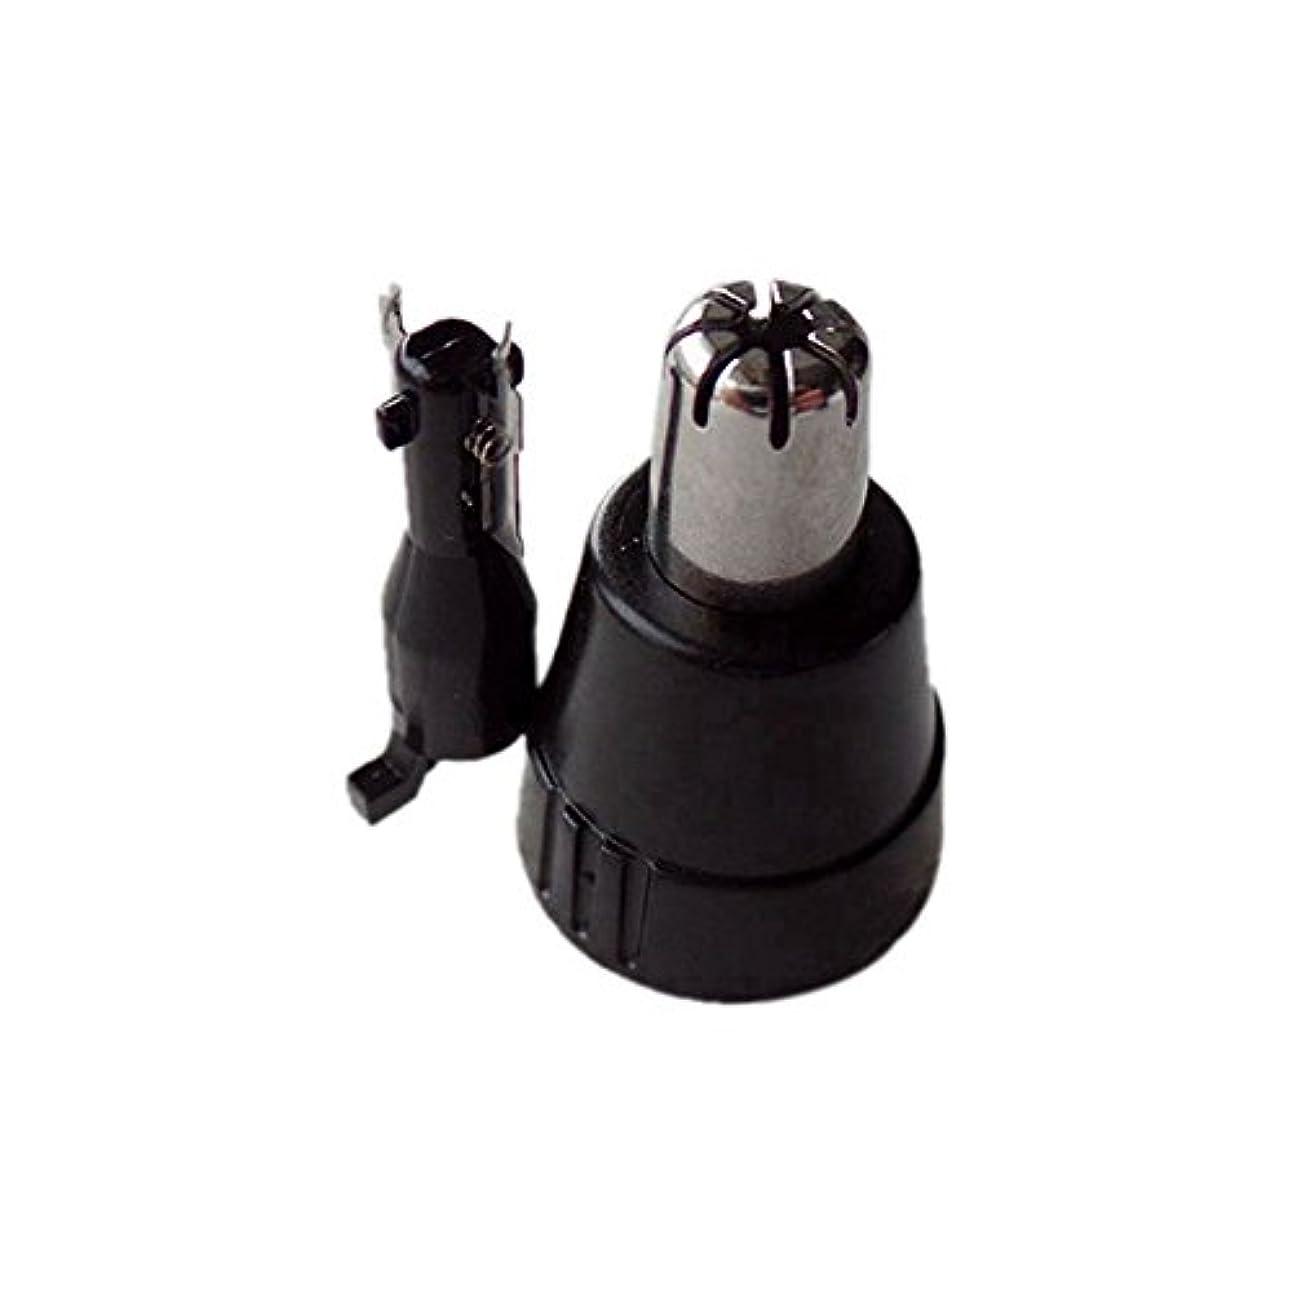 重量電報聖書Janjunsi 鼻毛カッター部品 交換用 パーツ 内刃 外刃 替刃 耐用 for Panasonic 鼻毛カッター ER-GN30/-GN10